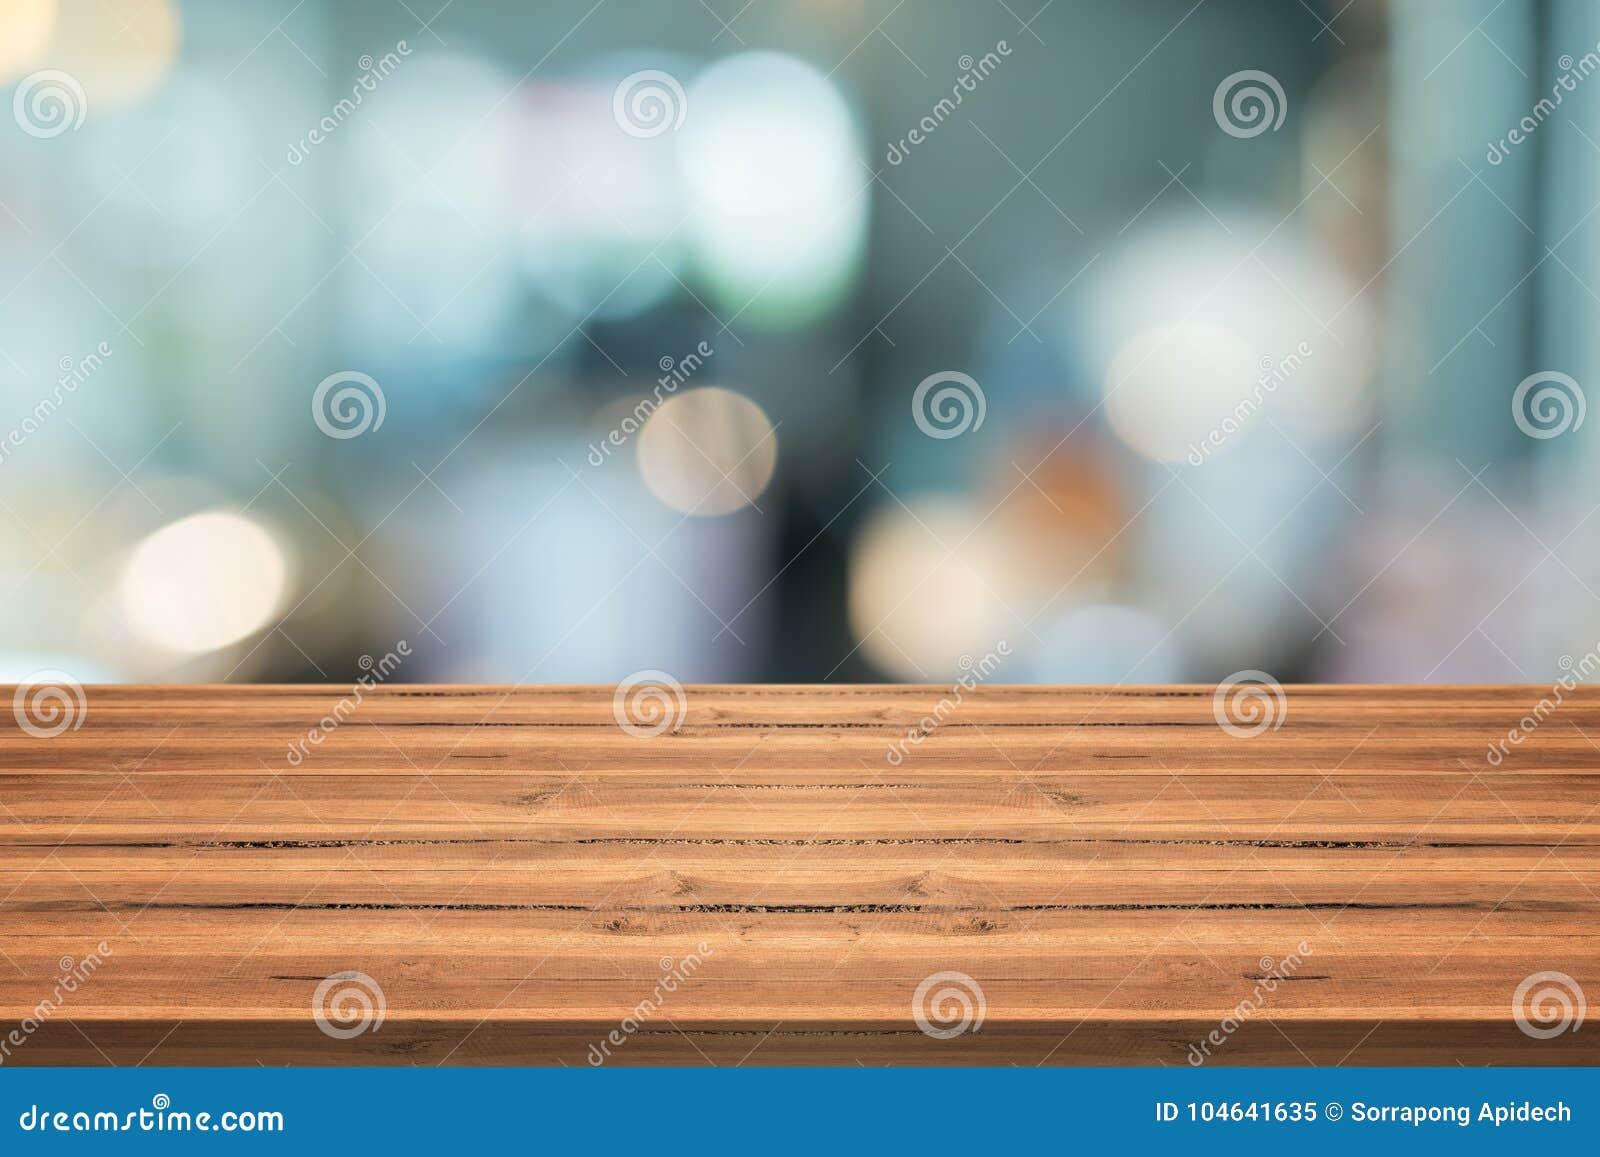 Download Lege Houten Lijstbovenkant Op Vage Achtergrond, Voor Montering Uw Prik Stock Afbeelding - Afbeelding bestaande uit restaurant, teller: 104641635